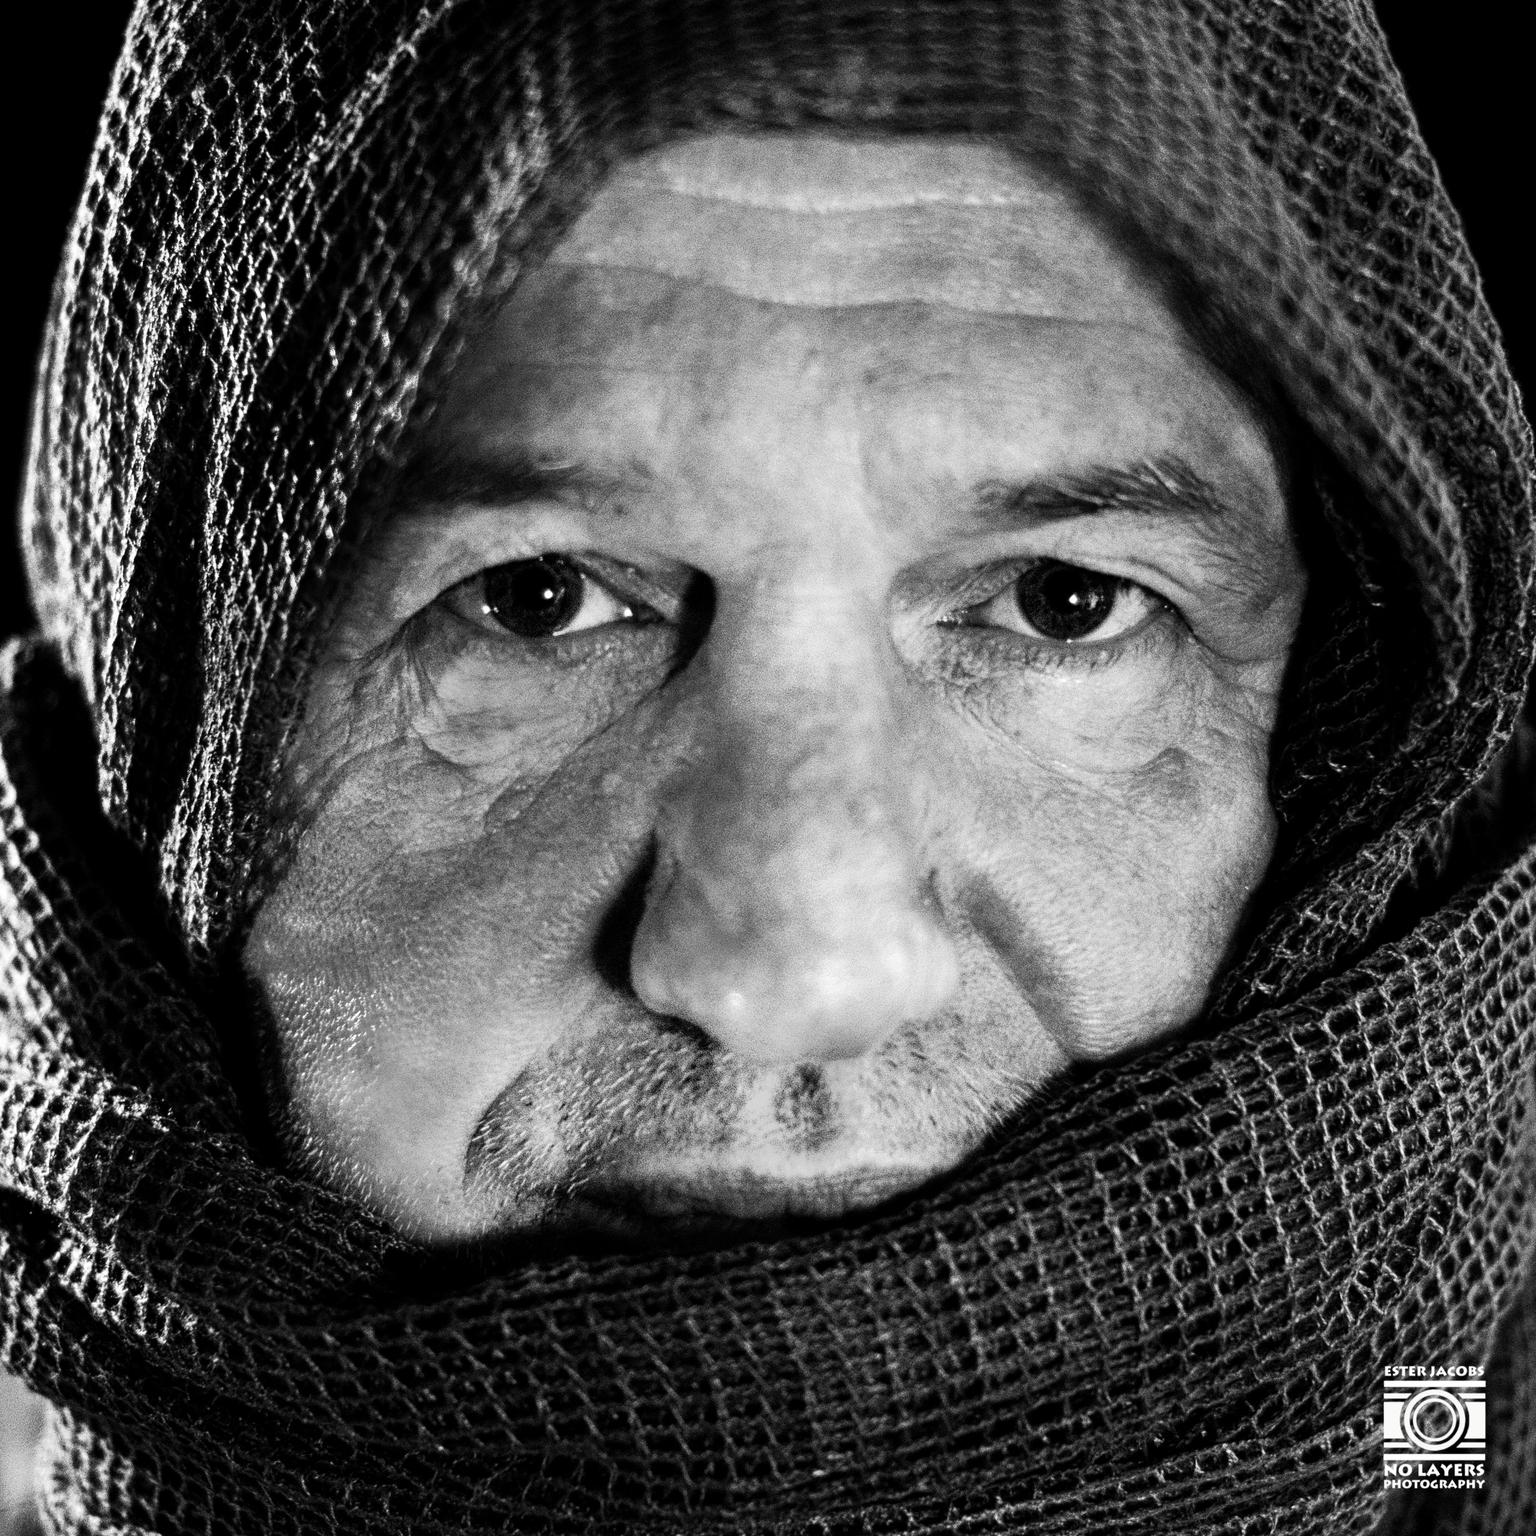 Eyecatcher - Geinspireerd door het Afghaanse Meisje van Steve McCurry - foto door NoLayersPhotography op 13-04-2021 - deze foto bevat: portret, zwart wit, model, man, fotoshoot, studio, close up, voorhoofd, neus, kin, bovenkleding, kapsel, wenkbrauw, mond, gezichtsuitdrukking, orgaan, mens